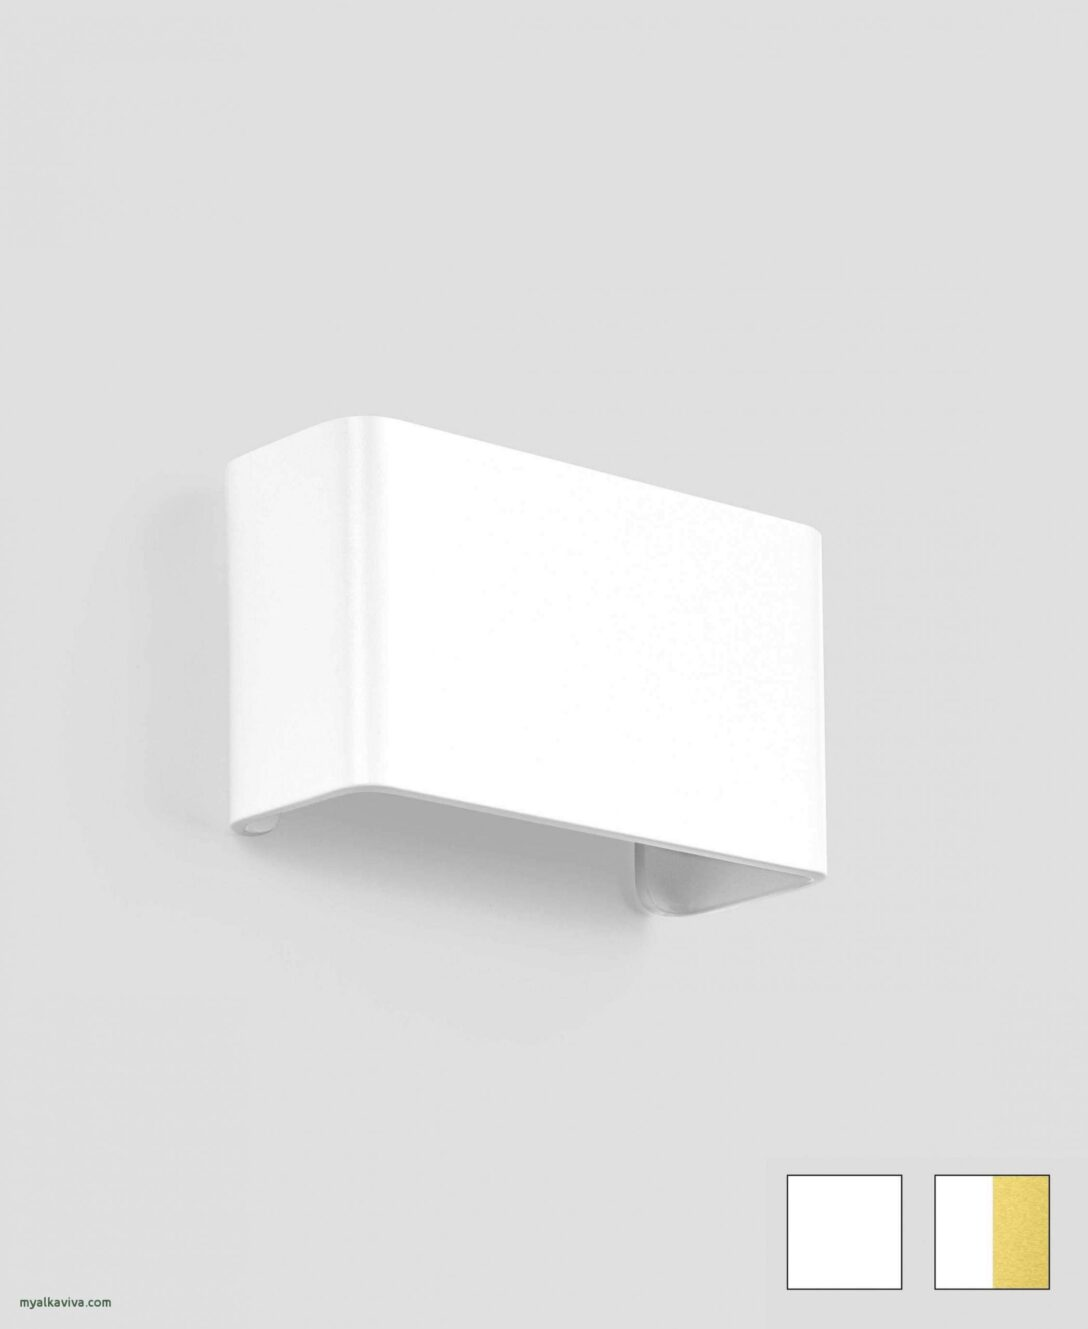 Large Size of Deckenlampe Ideen Schlafzimmer Wohnzimmer Deckenlampen Luxus 40 Einzigartig Von Led Deckenleuchte Modern Tapeten Bad Renovieren Für Wohnzimmer Deckenlampen Ideen